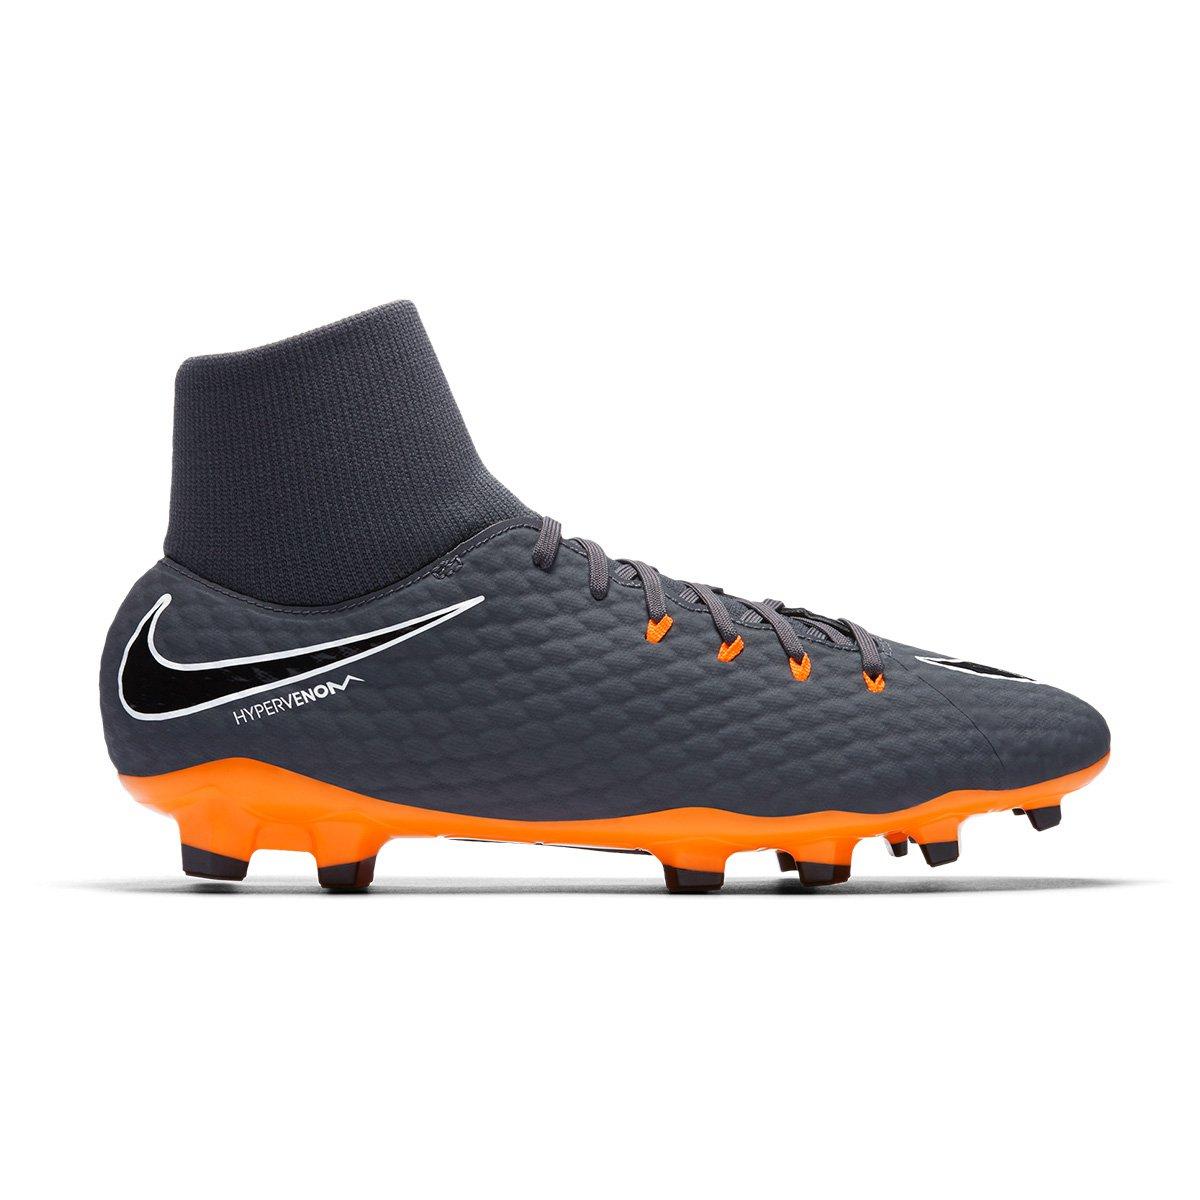 3bdd0100cd0fb Chuteira Campo Nike Hypervenom Phantom 3 Academy DF FG - Cinza e Laranja -  Compre Agora